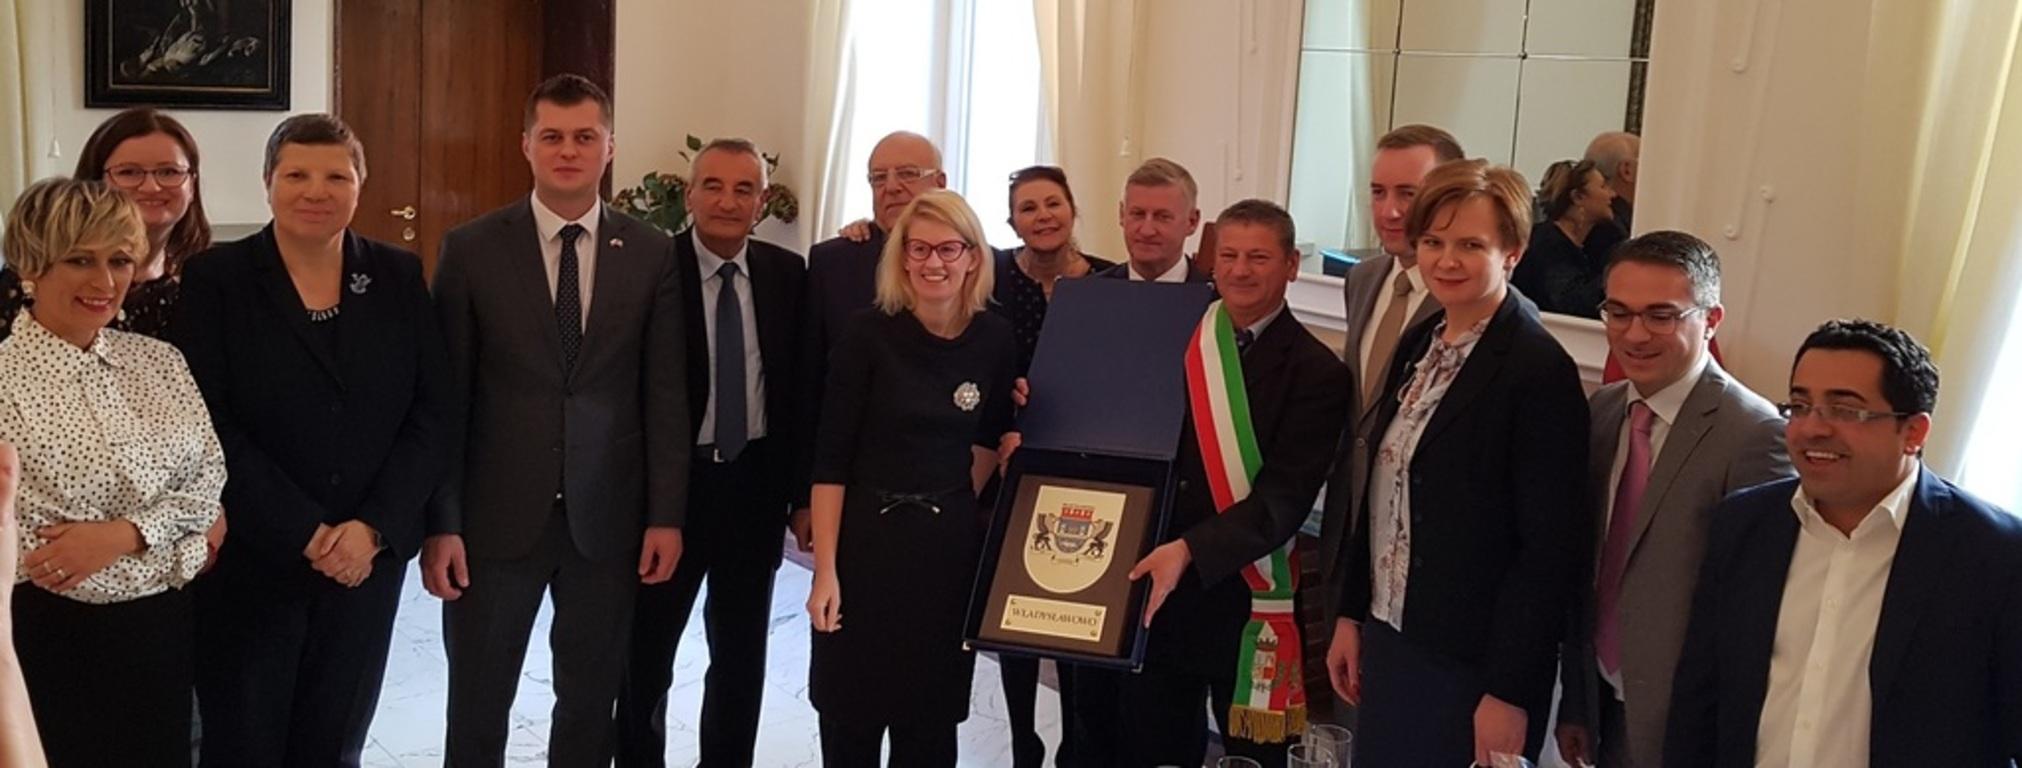 Współpraca z włoską gminą Scalea stała się faktem (link otworzy duże zdjęcie)